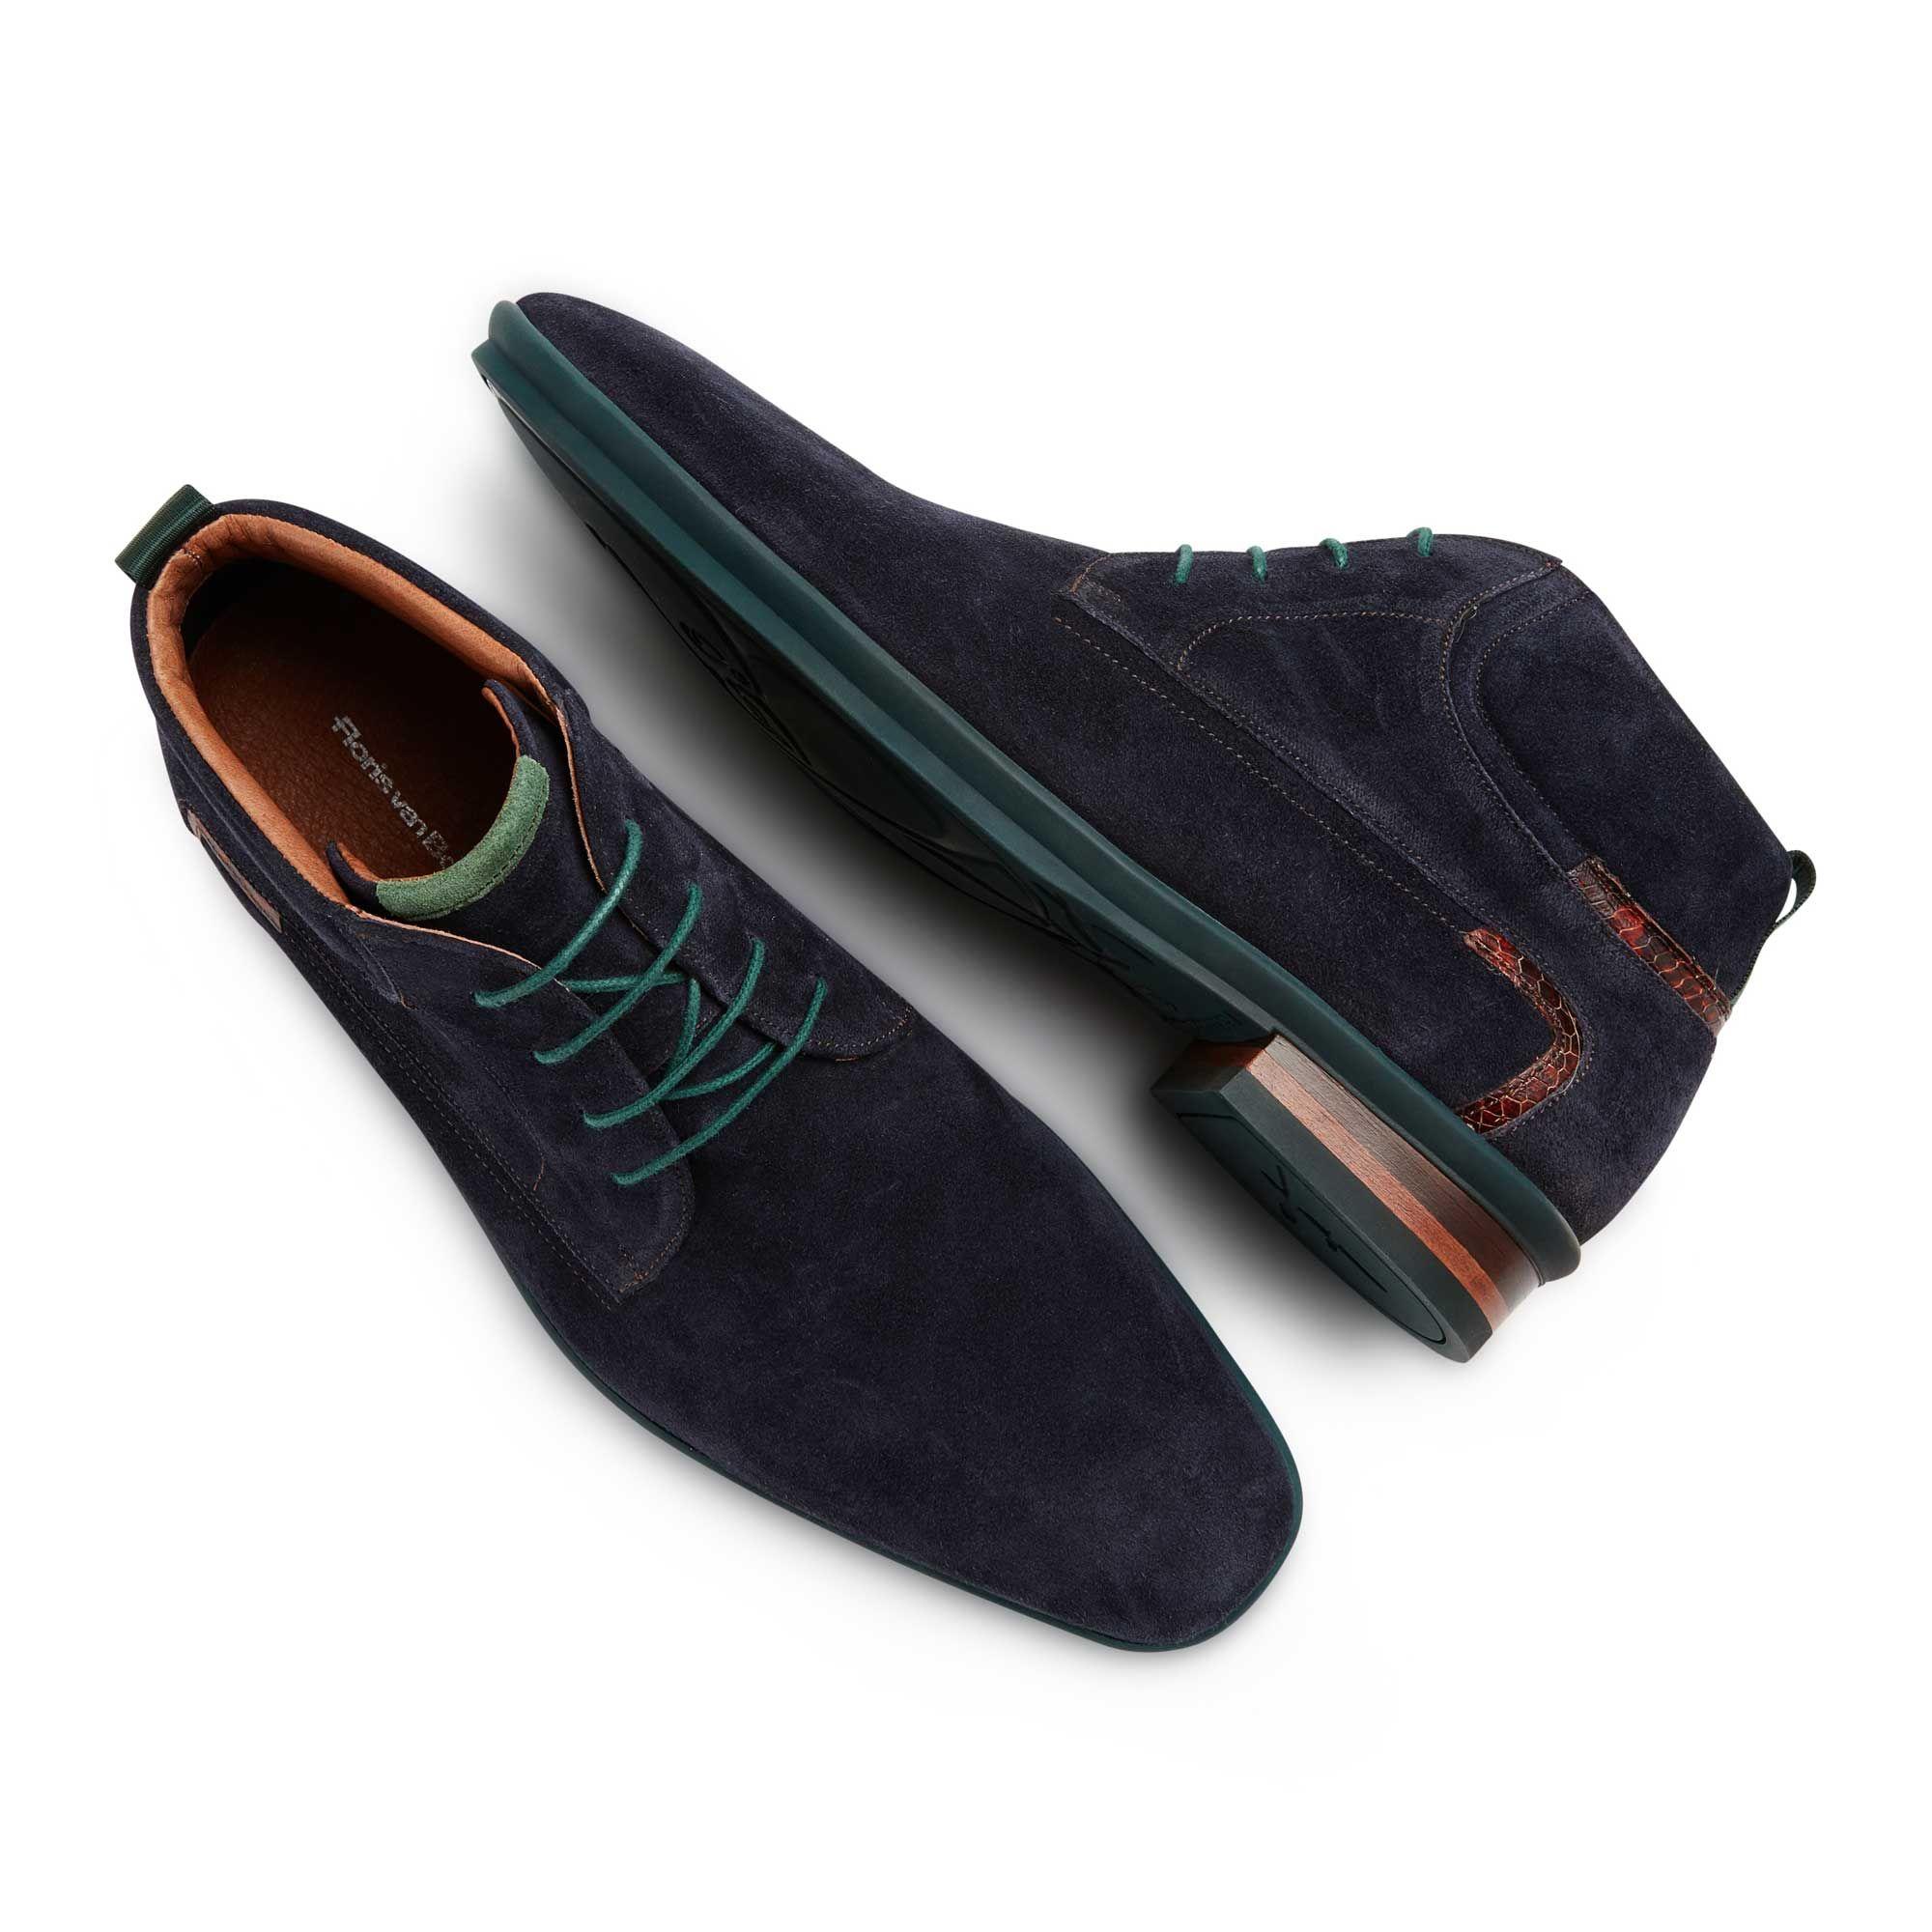 da65559fc0 10878 00 - Floris van Bommel dark blue suede lace boot Mens Smart Boots